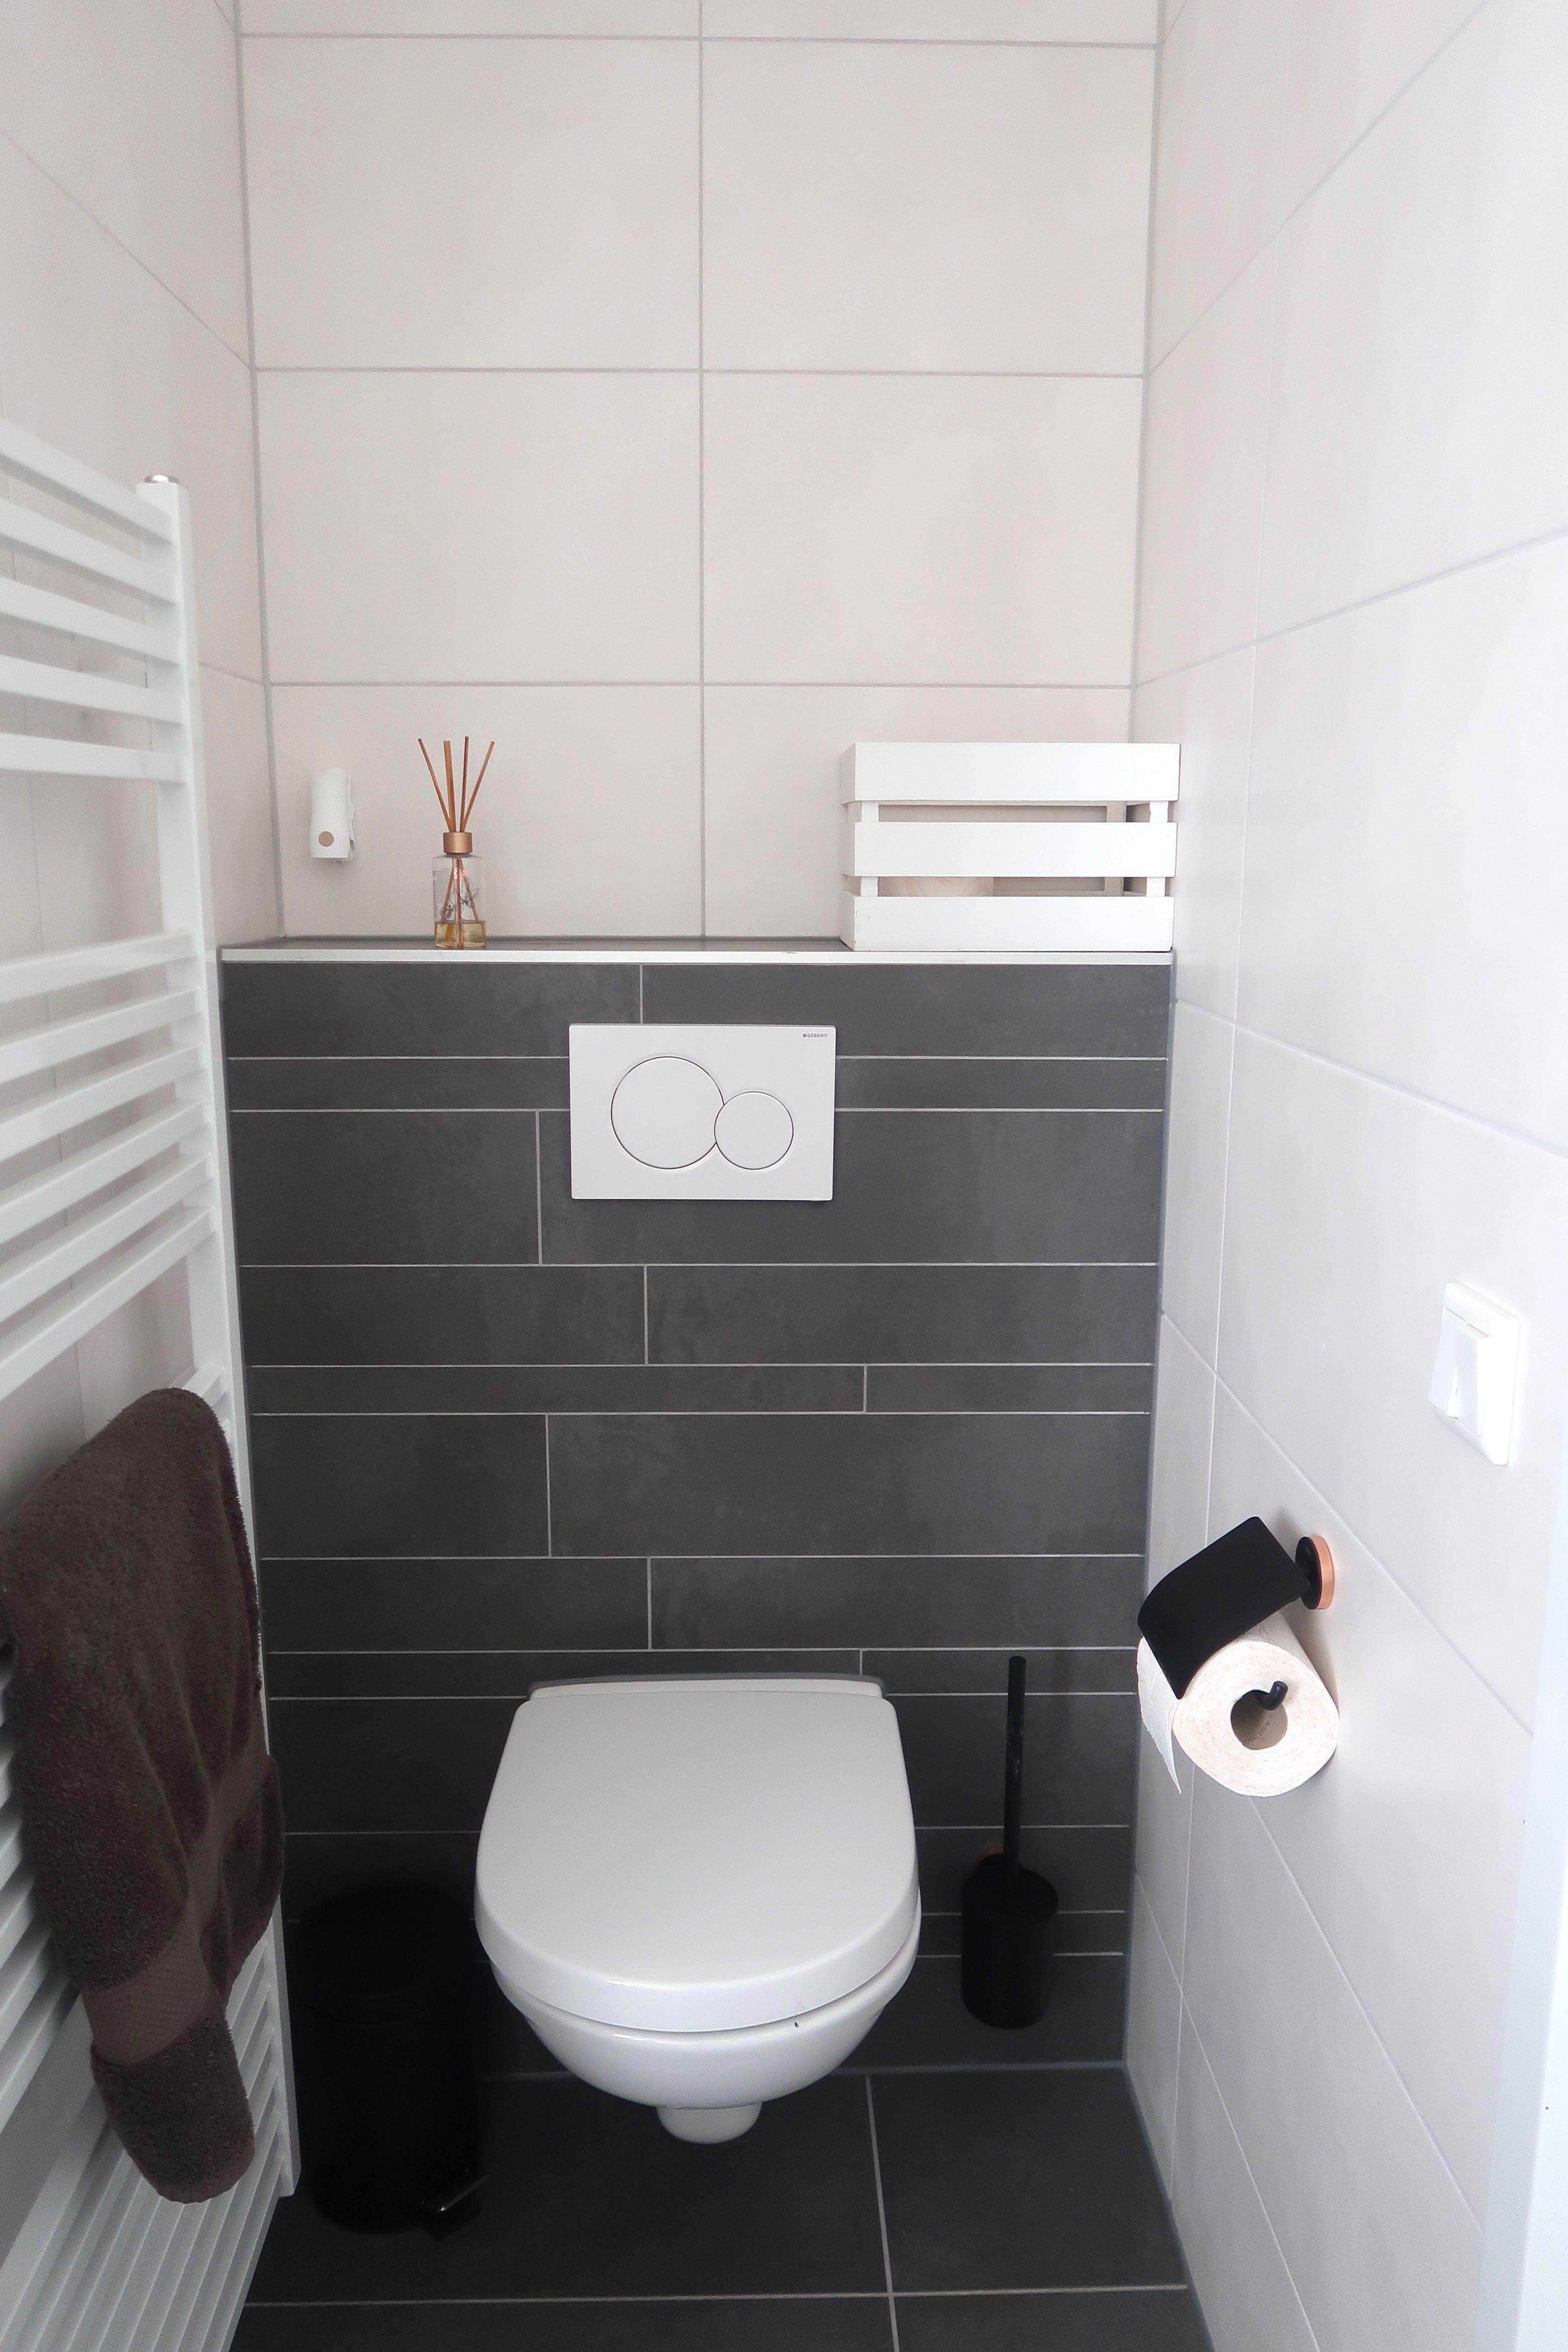 Onze nieuwe badkamer toilet